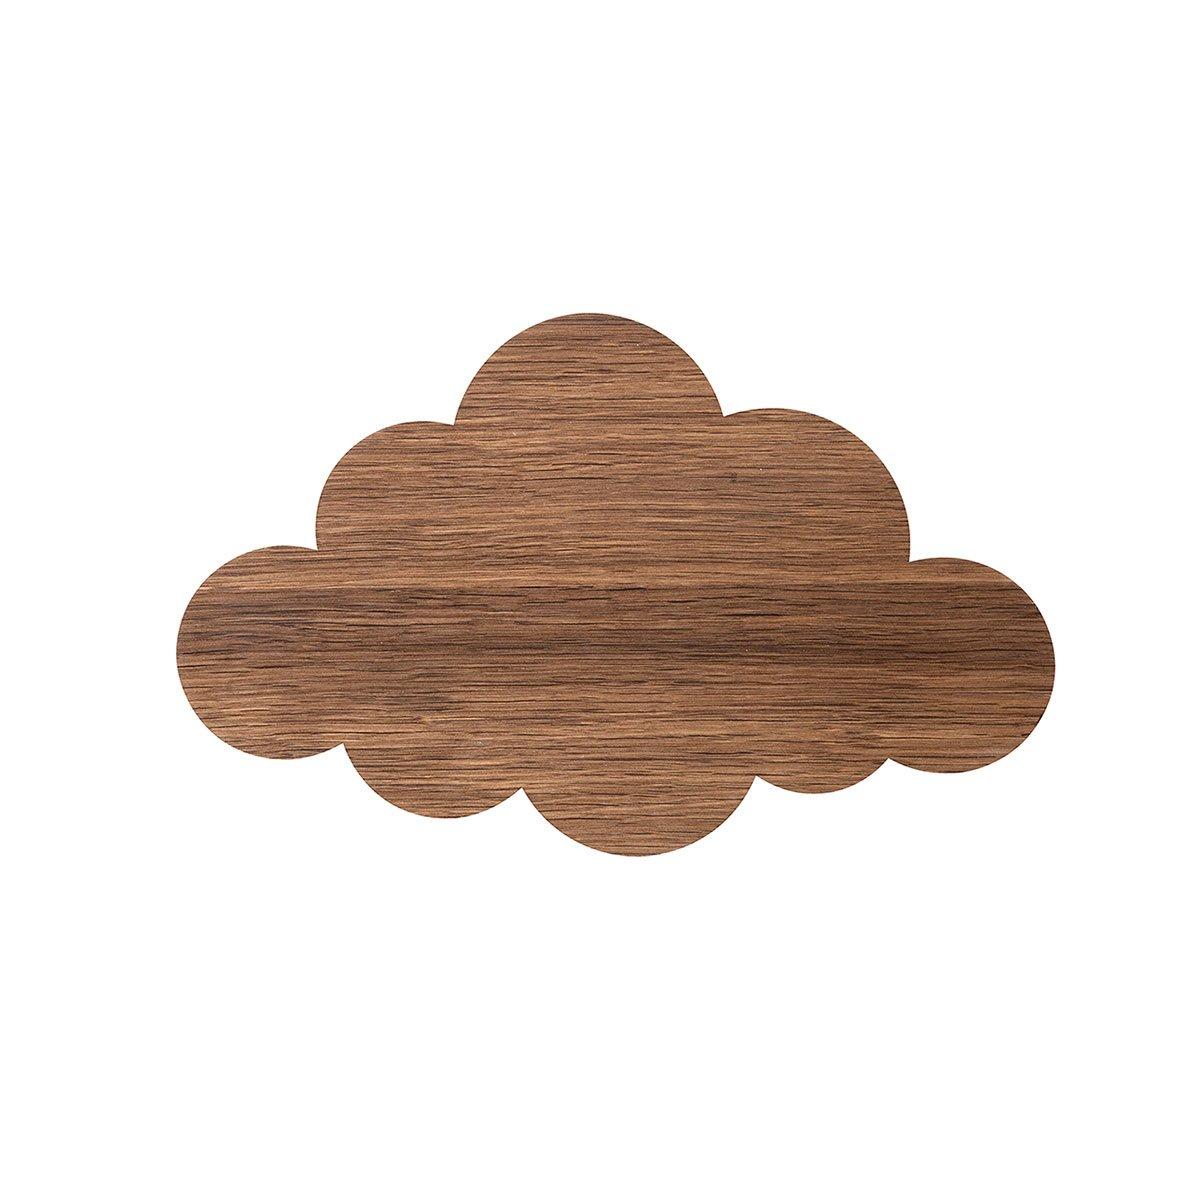 Mint 40 x 25 cm Wolken- Wandlampe Kinderwandleuchte Ferm Living 3175 Cloud Lamp